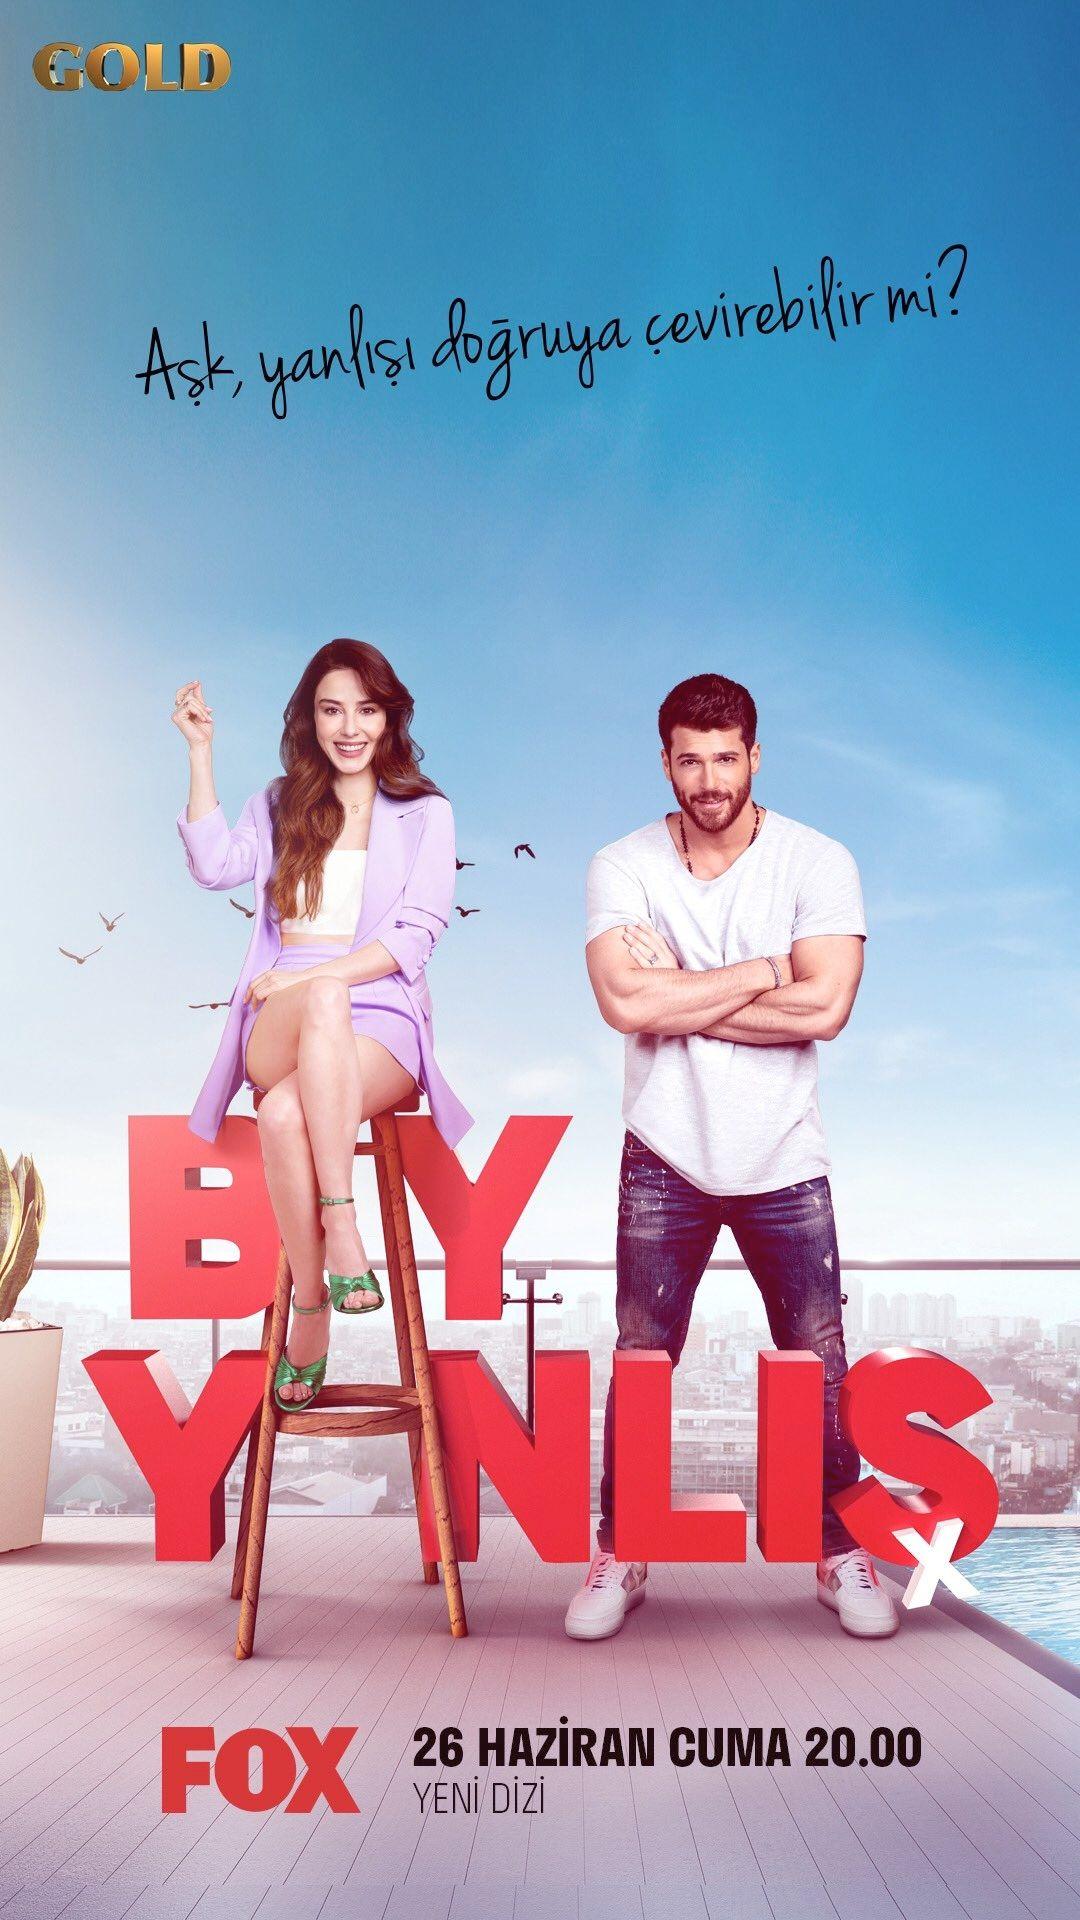 3skco السيد الخطأ الحلقة ٤ bay yanlis مسلسل السيد الخطأ الحلقة 4 الرابعة مترجمة عبر موقع قصة عشق وقناة فوكس